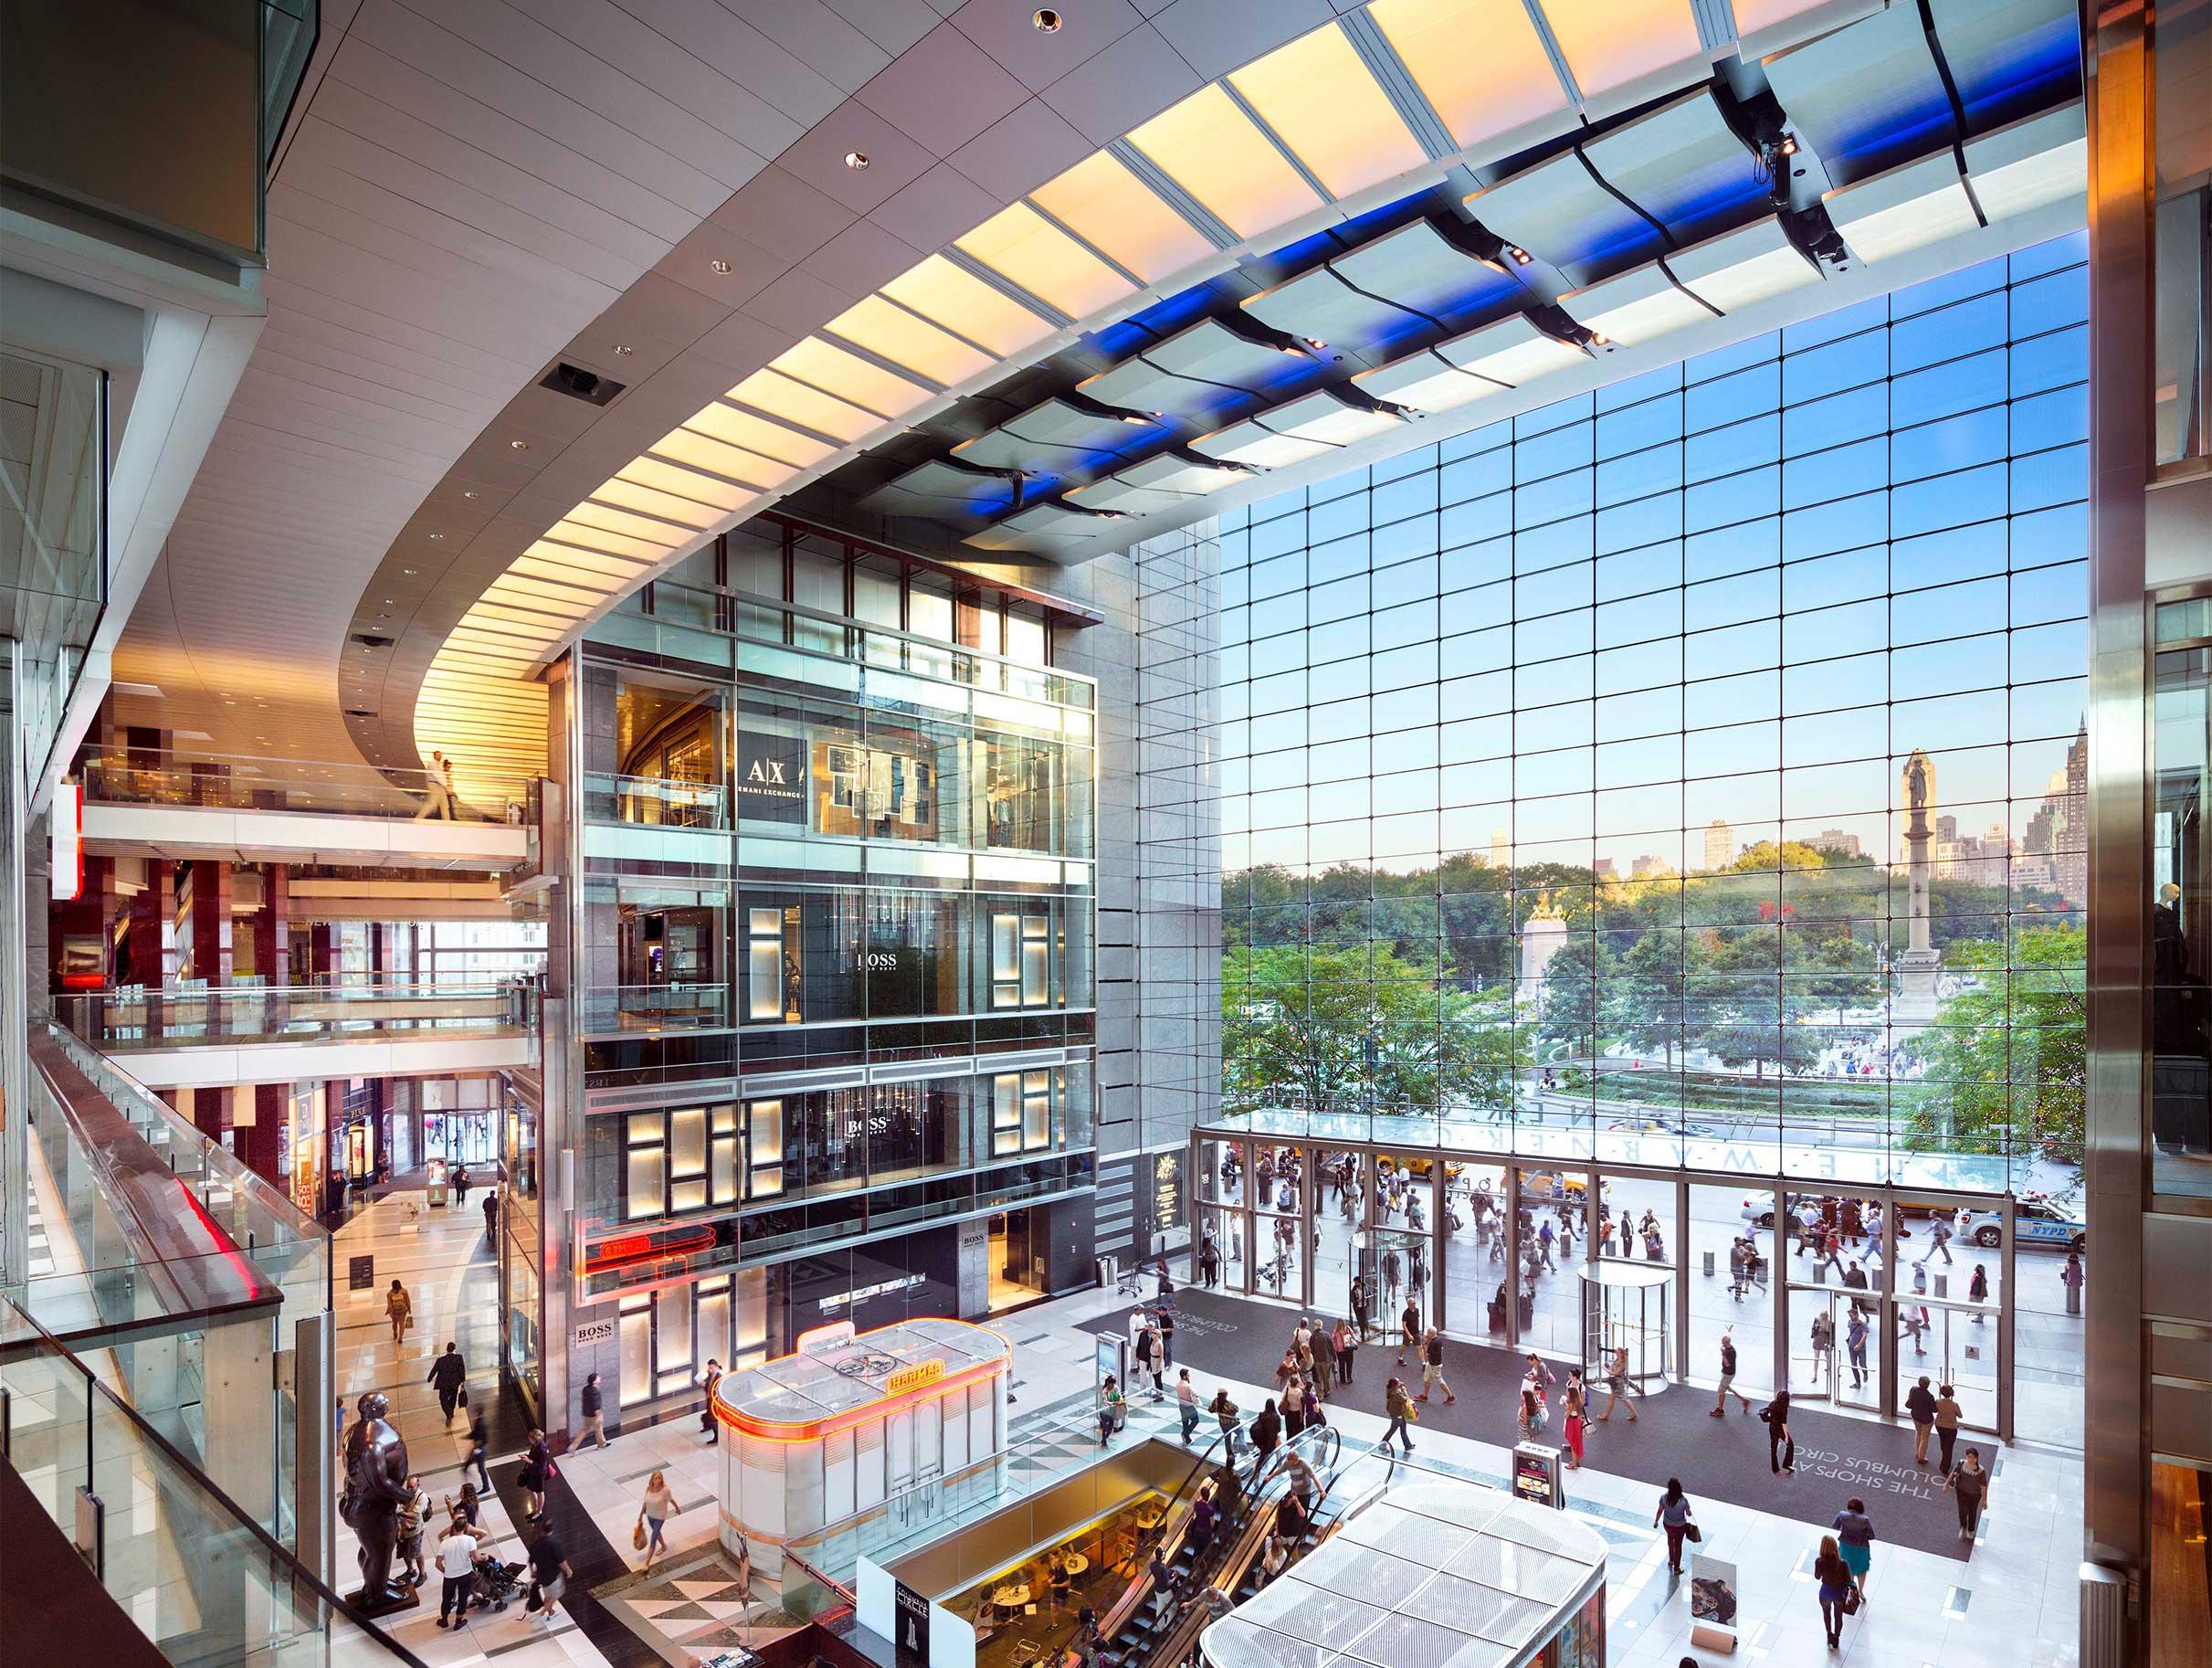 时代华纳中心的购物商场 The Shops at Columbus Circle 购物商场内部,紧邻中央公园。